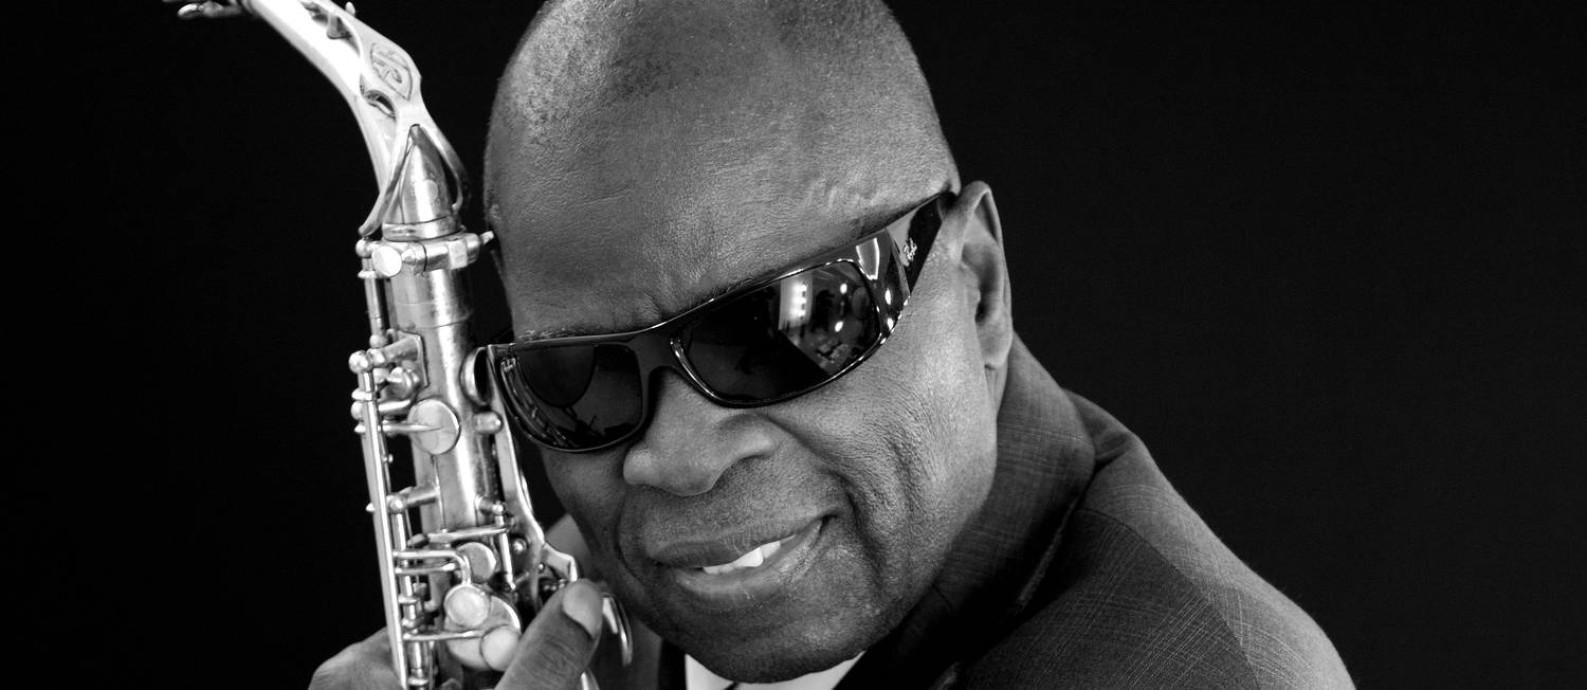 Saxofonista vai pincelar seu grande repertório para os cariocas Foto: Philip Ducap - Fine Art Photogra / Divulgação/Philip Ducap